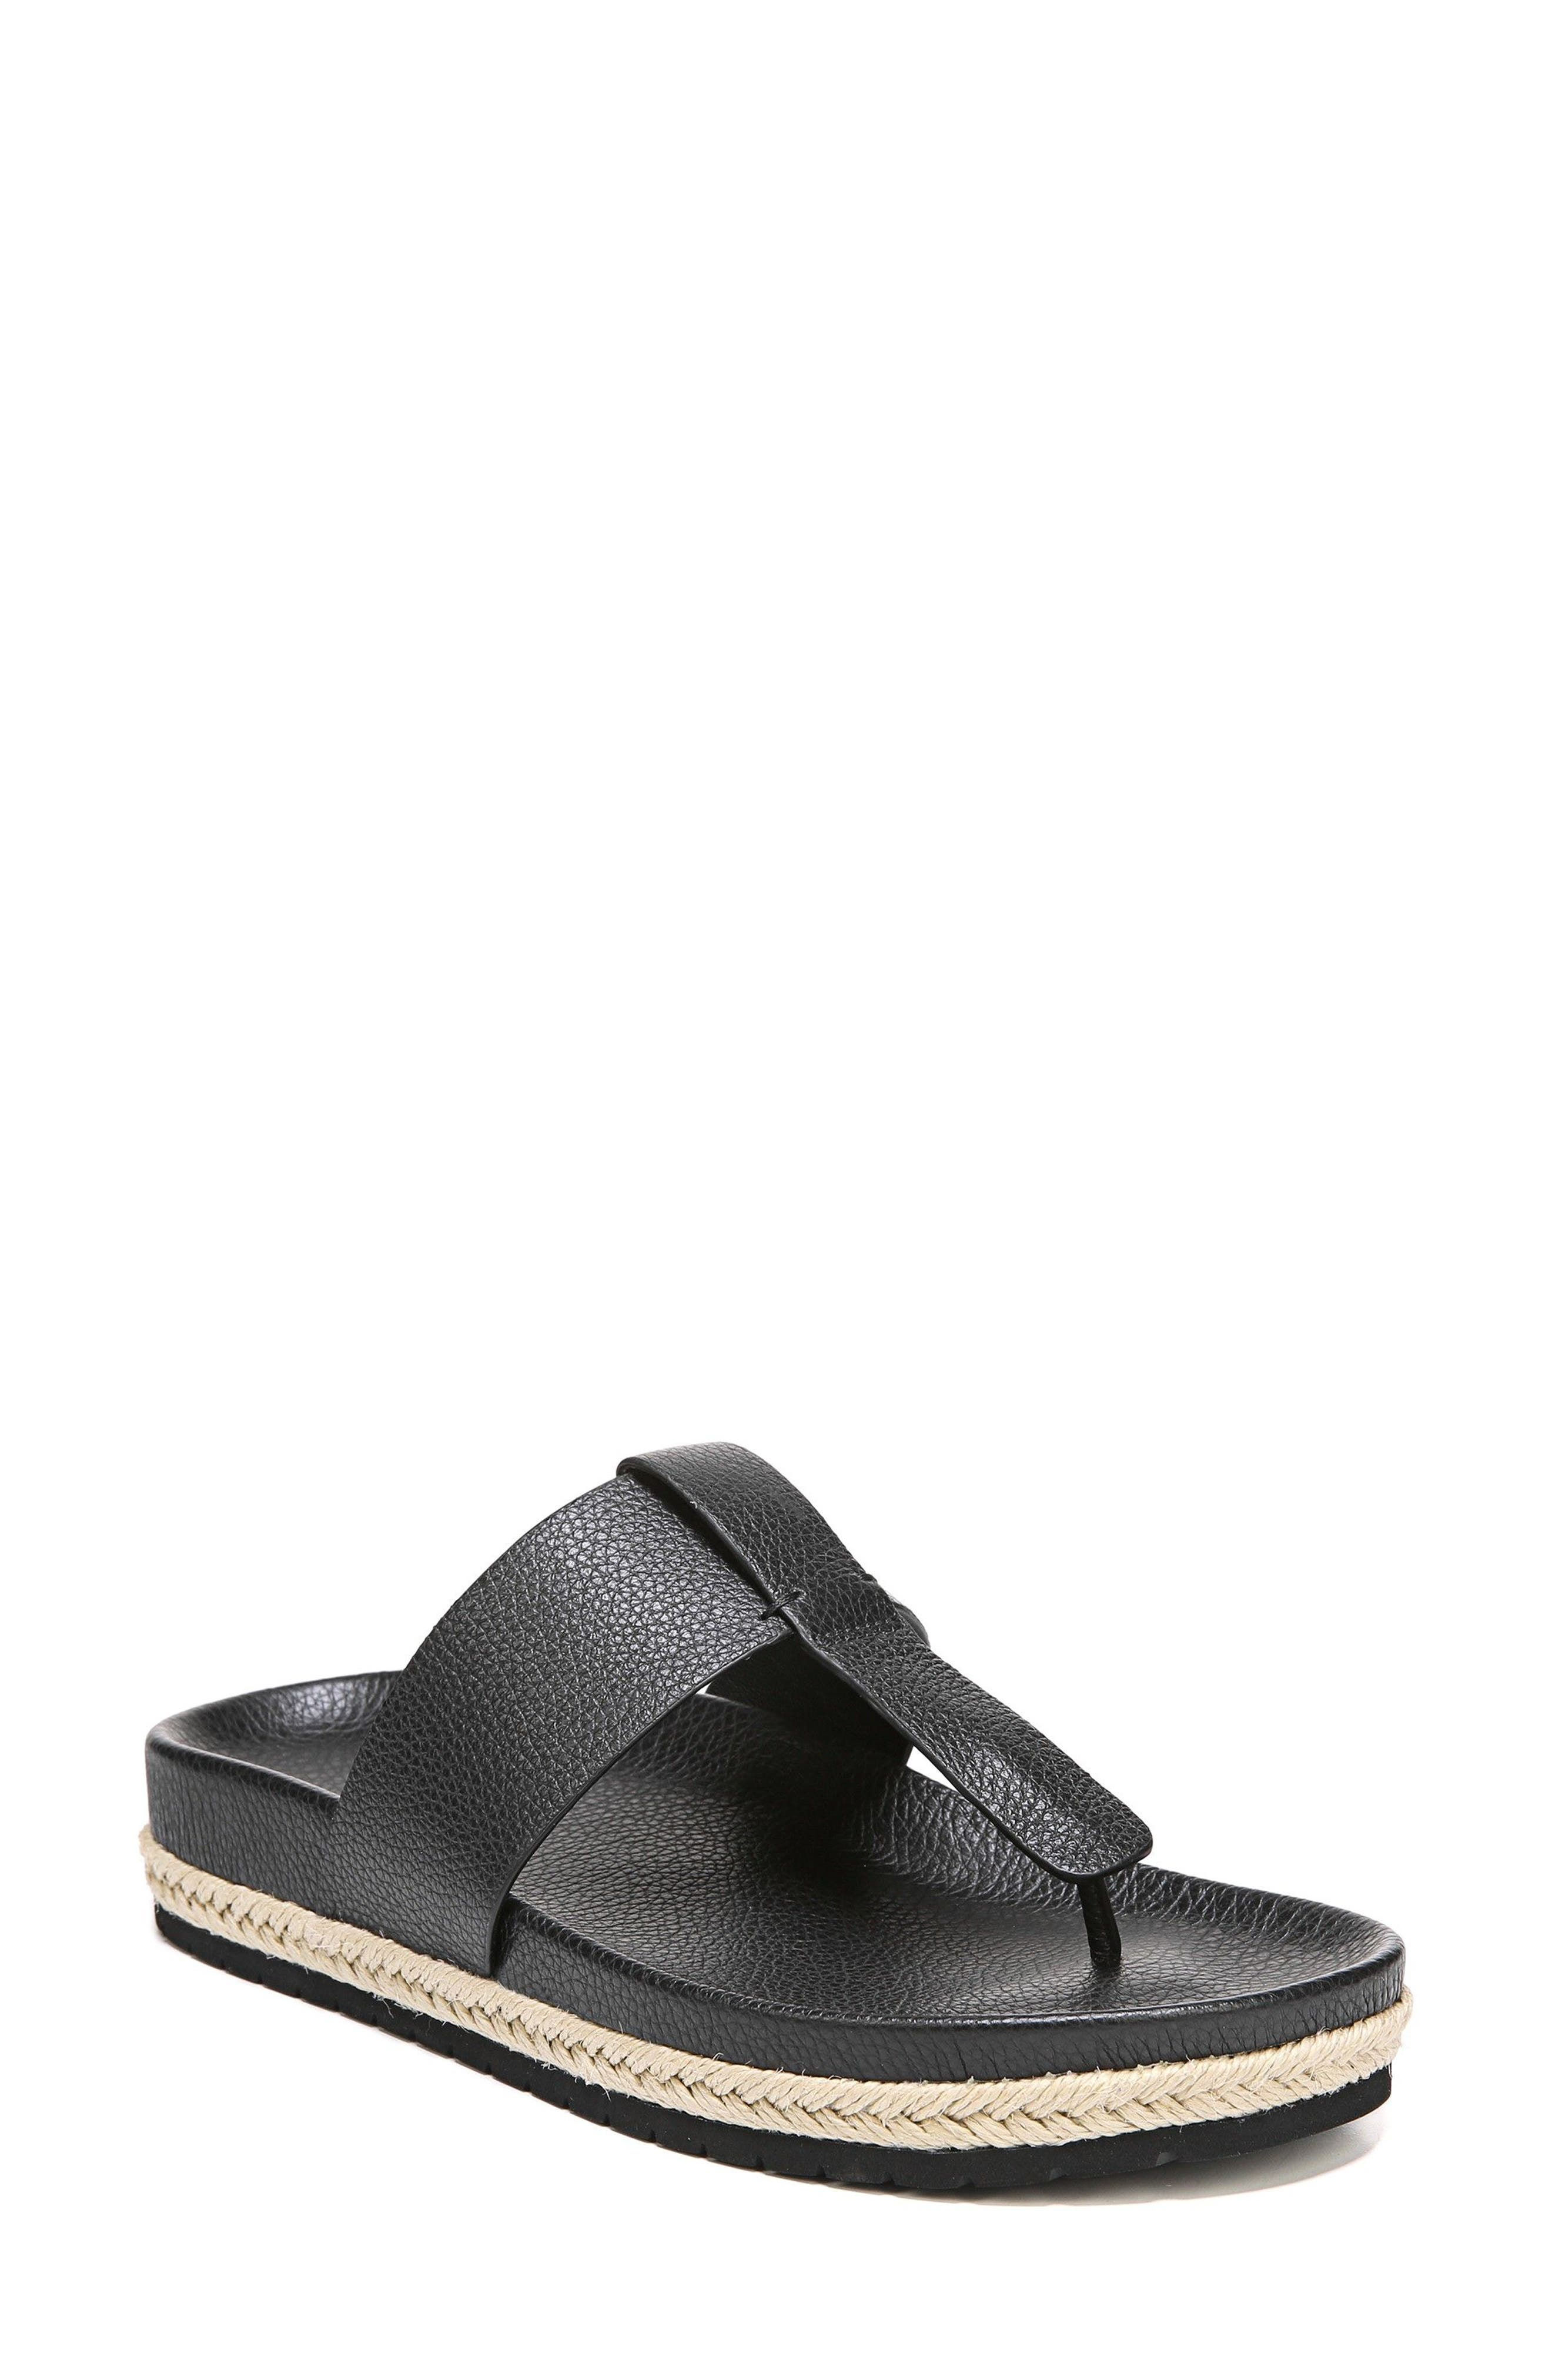 Avani T-Strap Flat Sandal,                             Main thumbnail 1, color,                             001